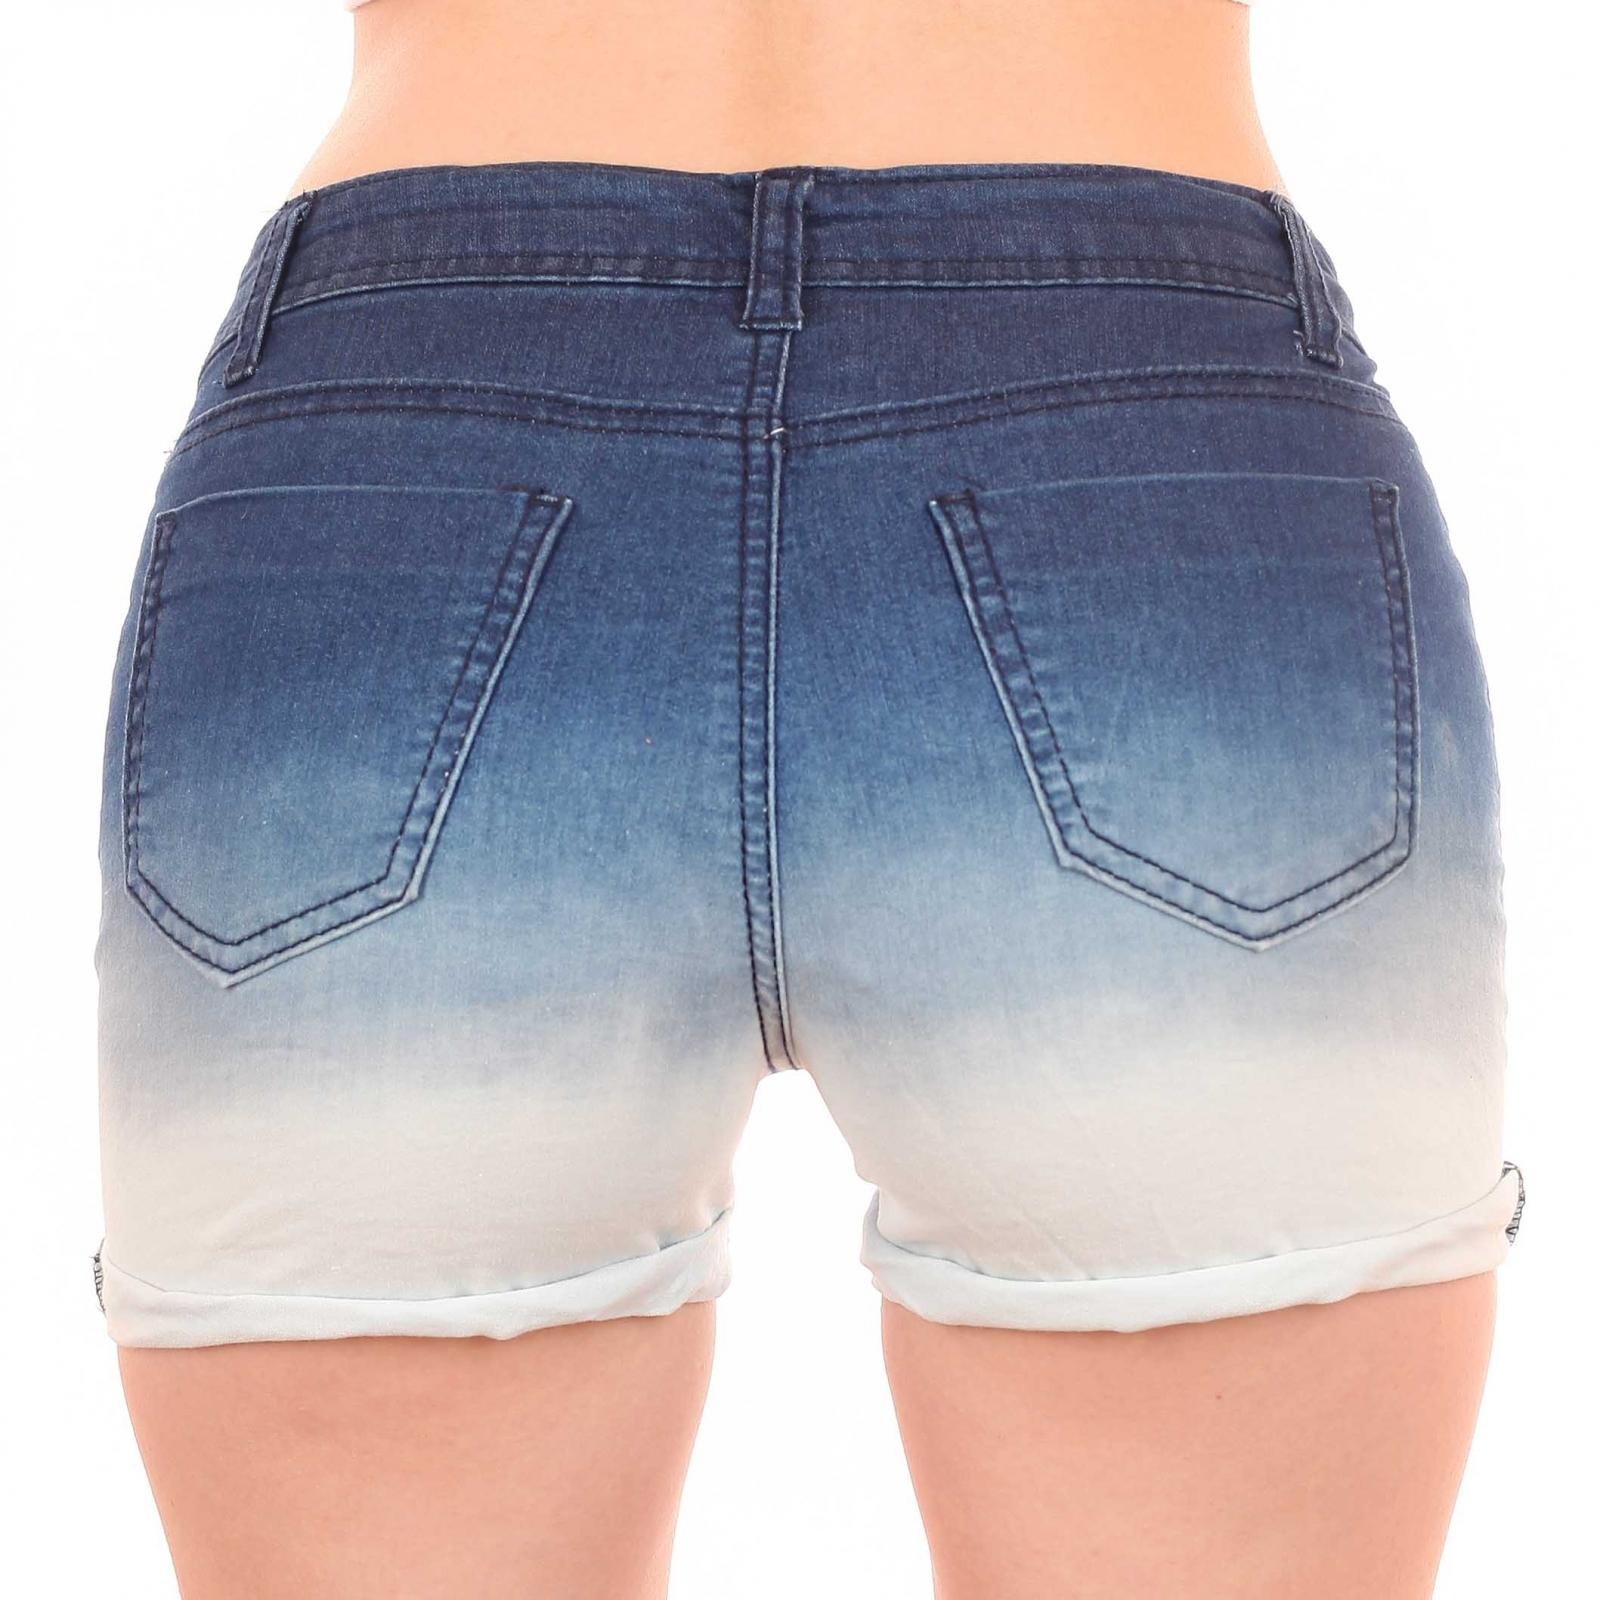 Короткие женские шортики Total Girl (США). Популярный омбре-деним для стильной леди